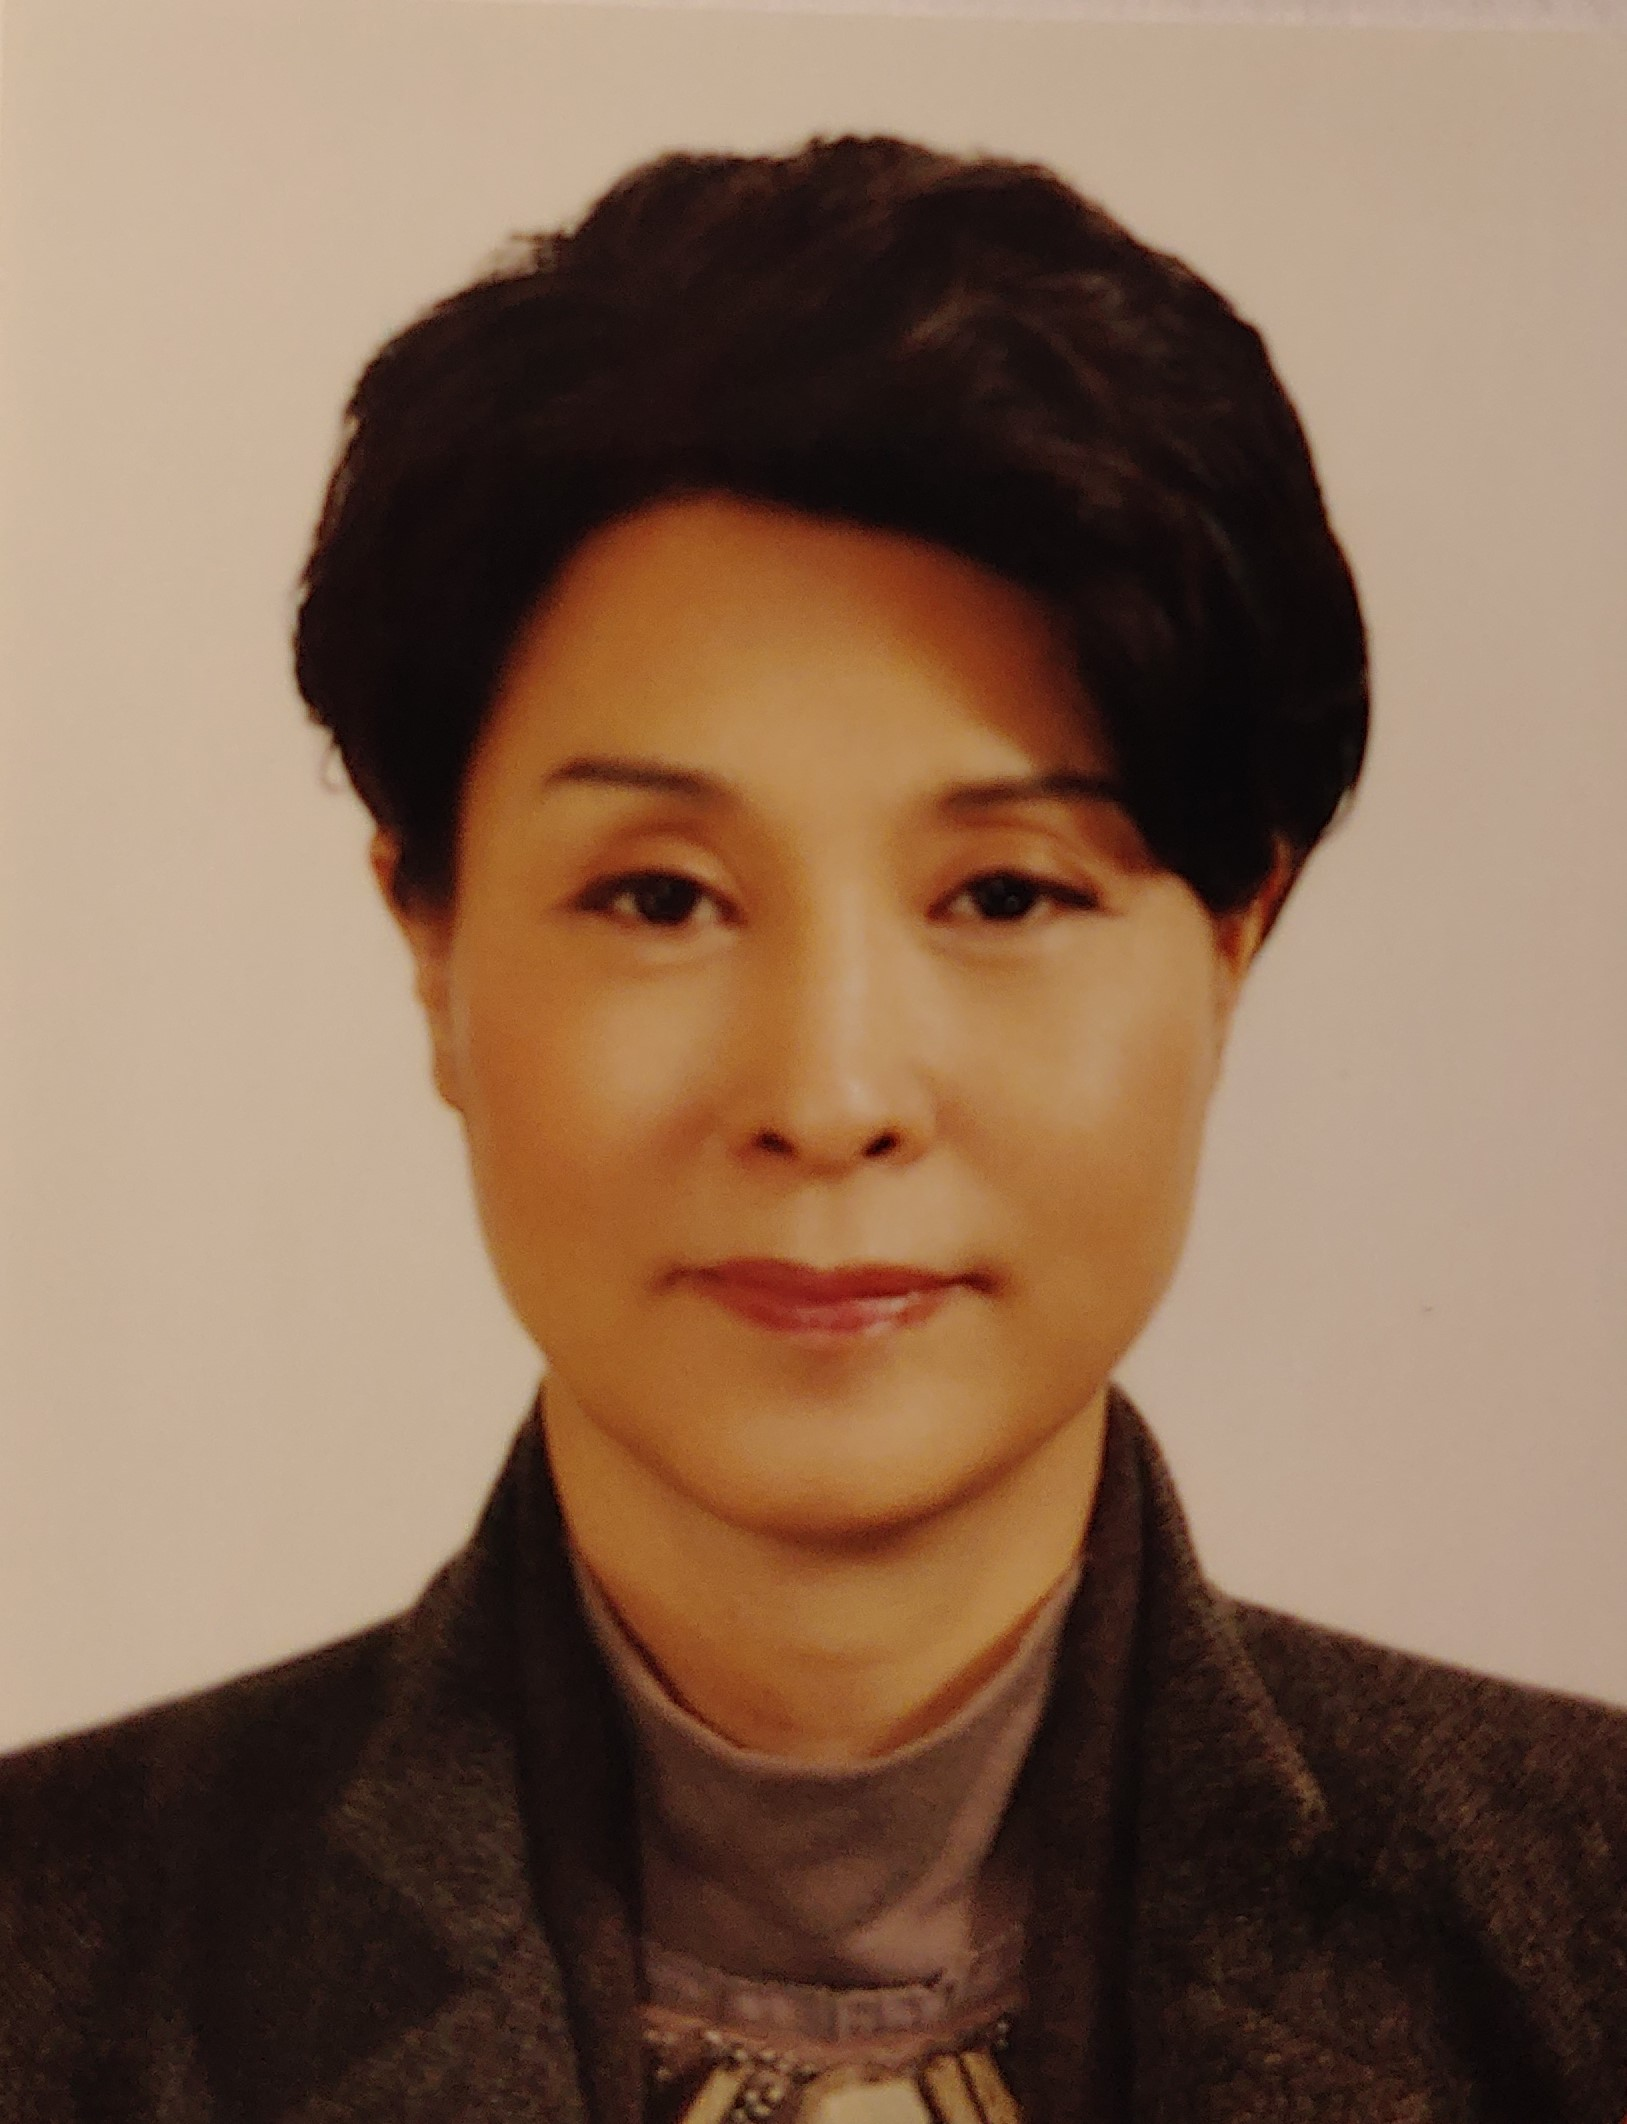 김성남 프로필 사진